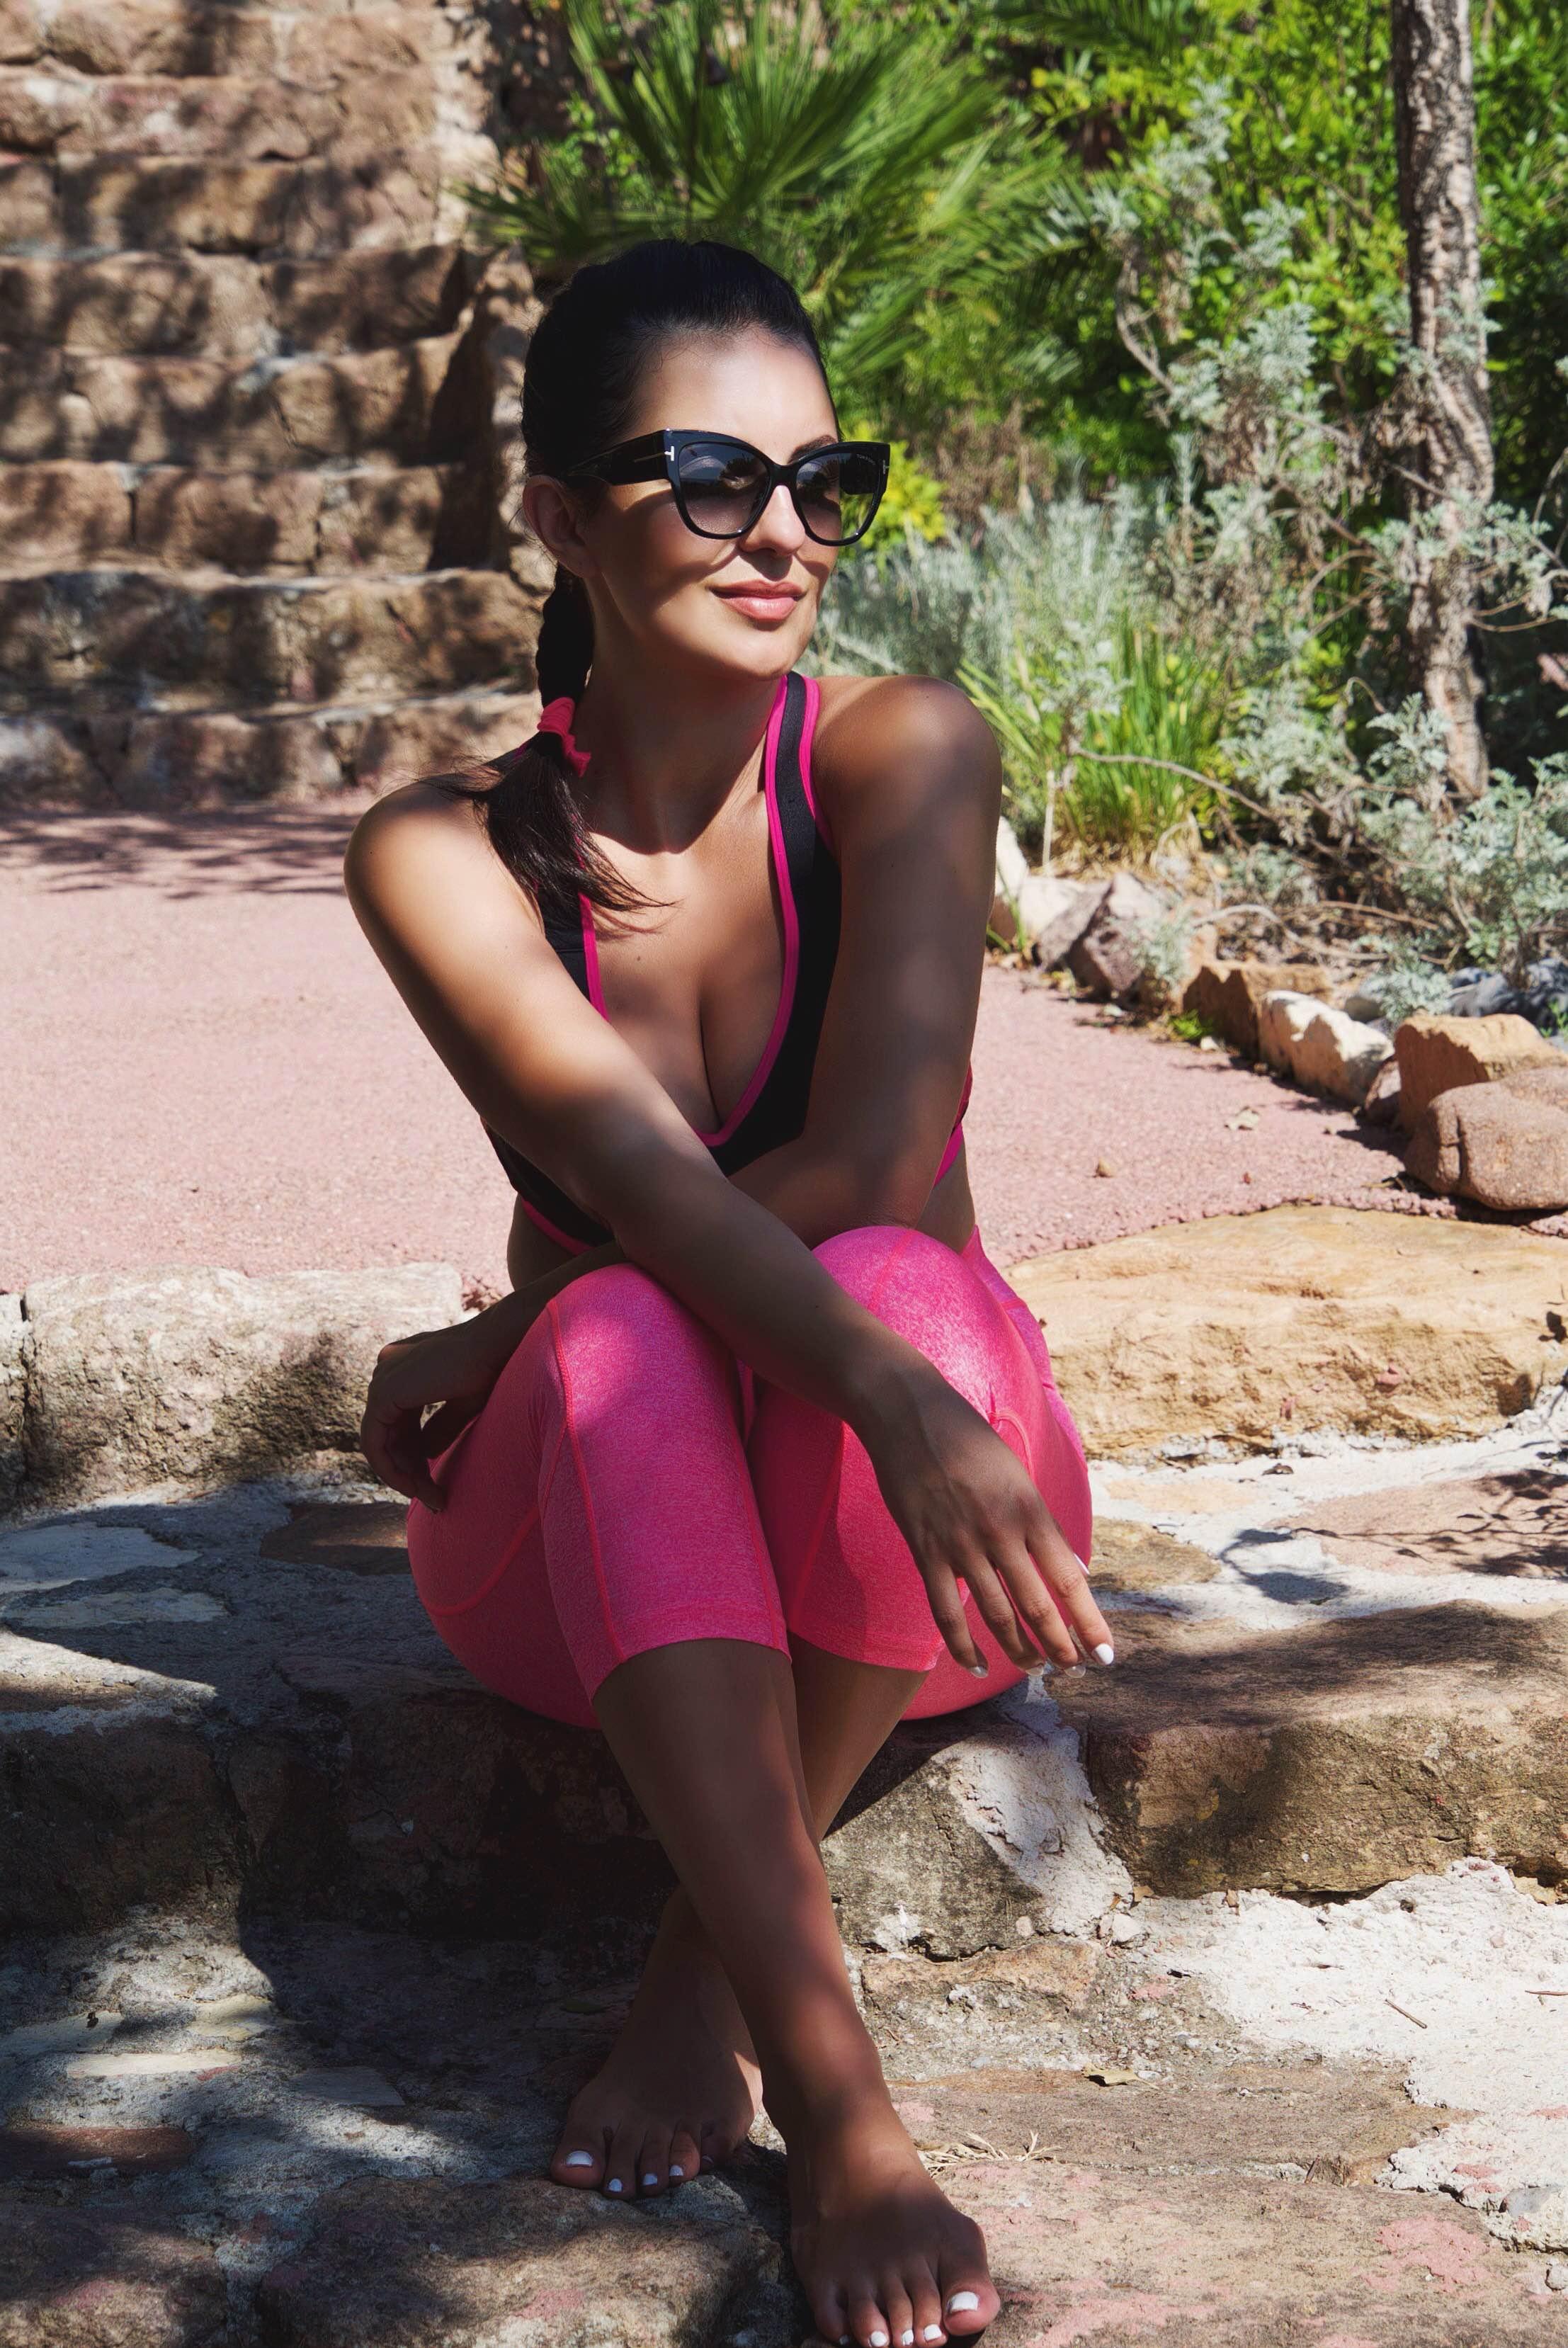 07-Tiara-Miramar-Beach-Hotel-Spa-Cote-dAzur-Disi-Couture-Edisa-Shahini-Cannes-France